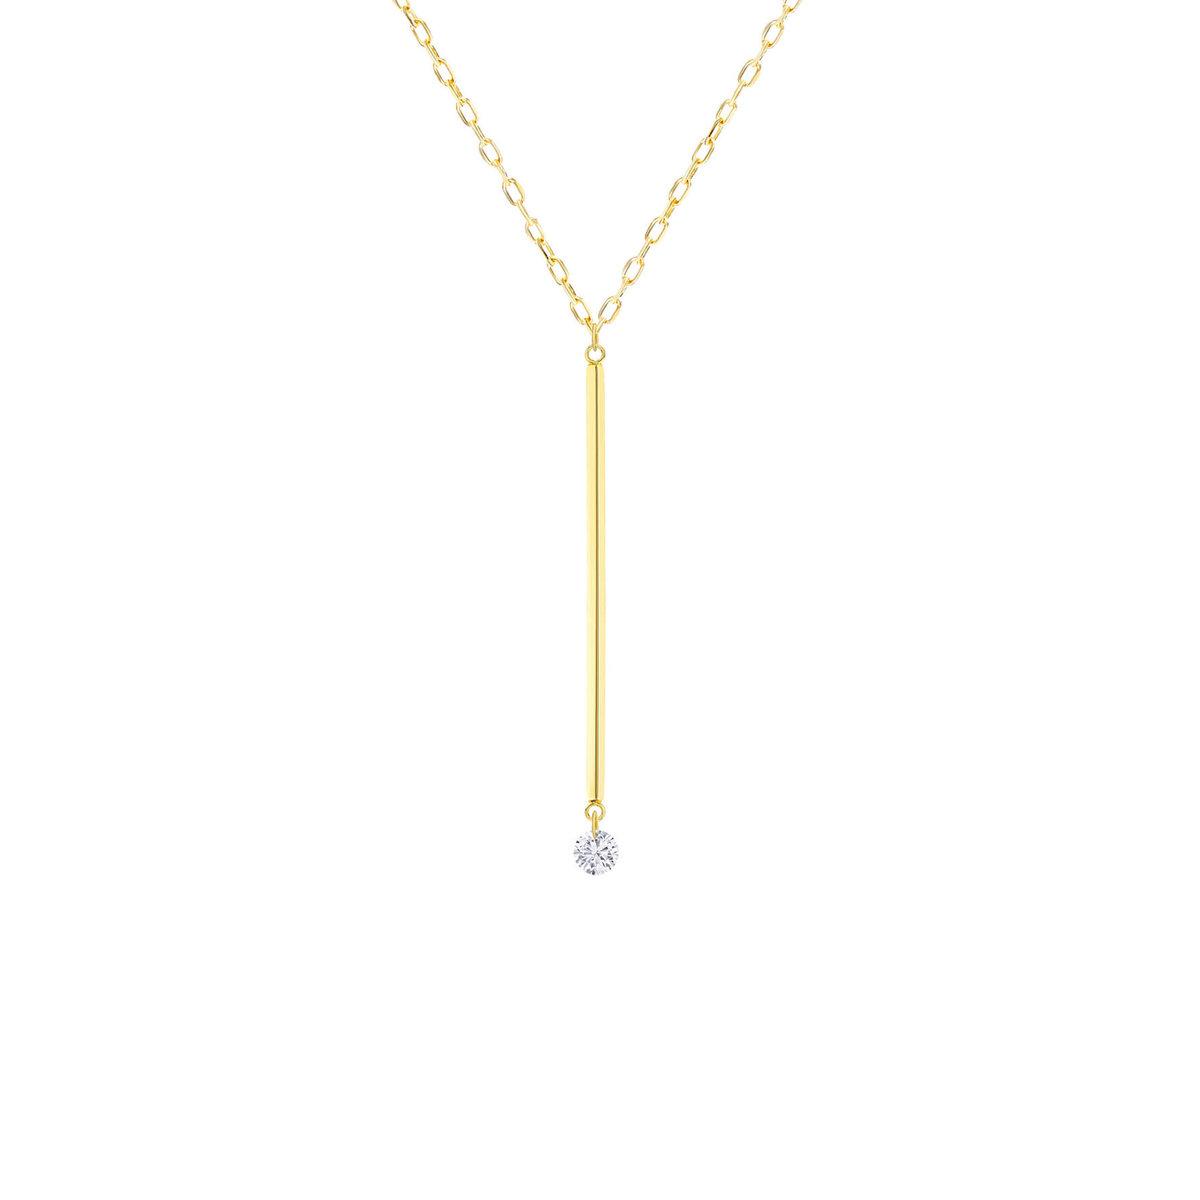 Reece Diamond Necklace